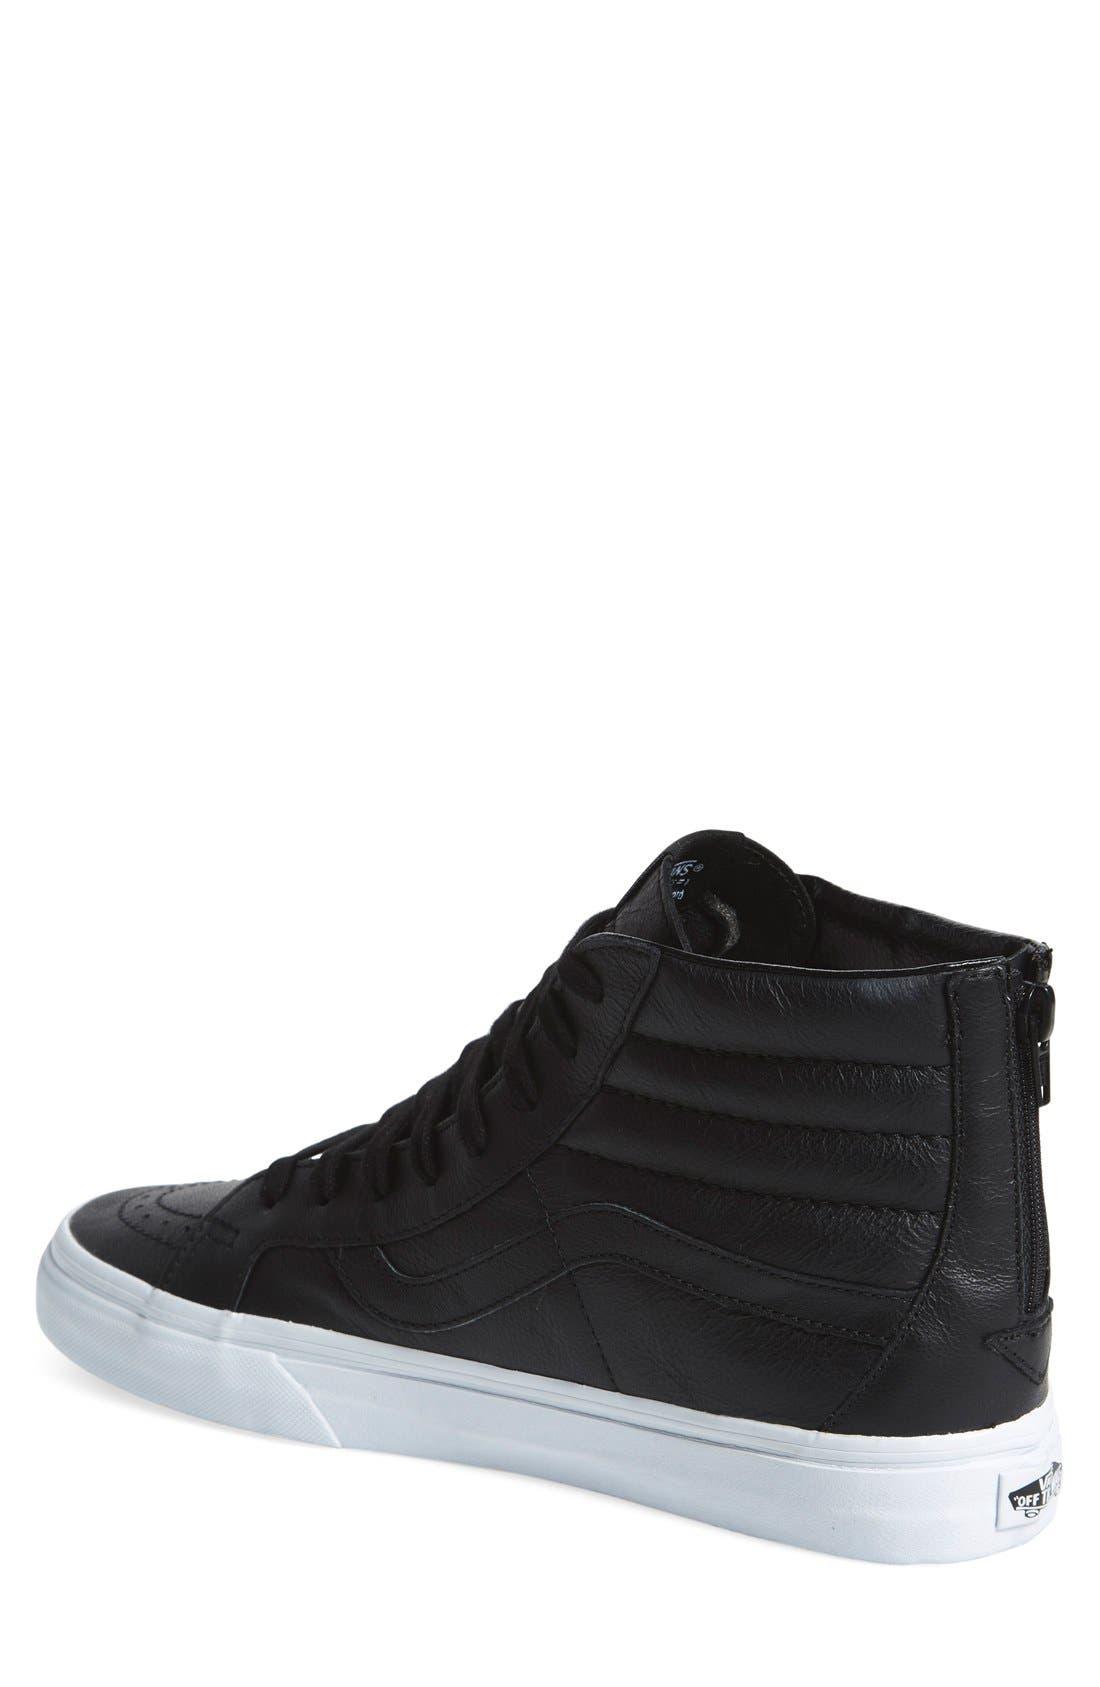 'Sk8-Hi Reissue' Sneaker,                             Alternate thumbnail 3, color,                             001